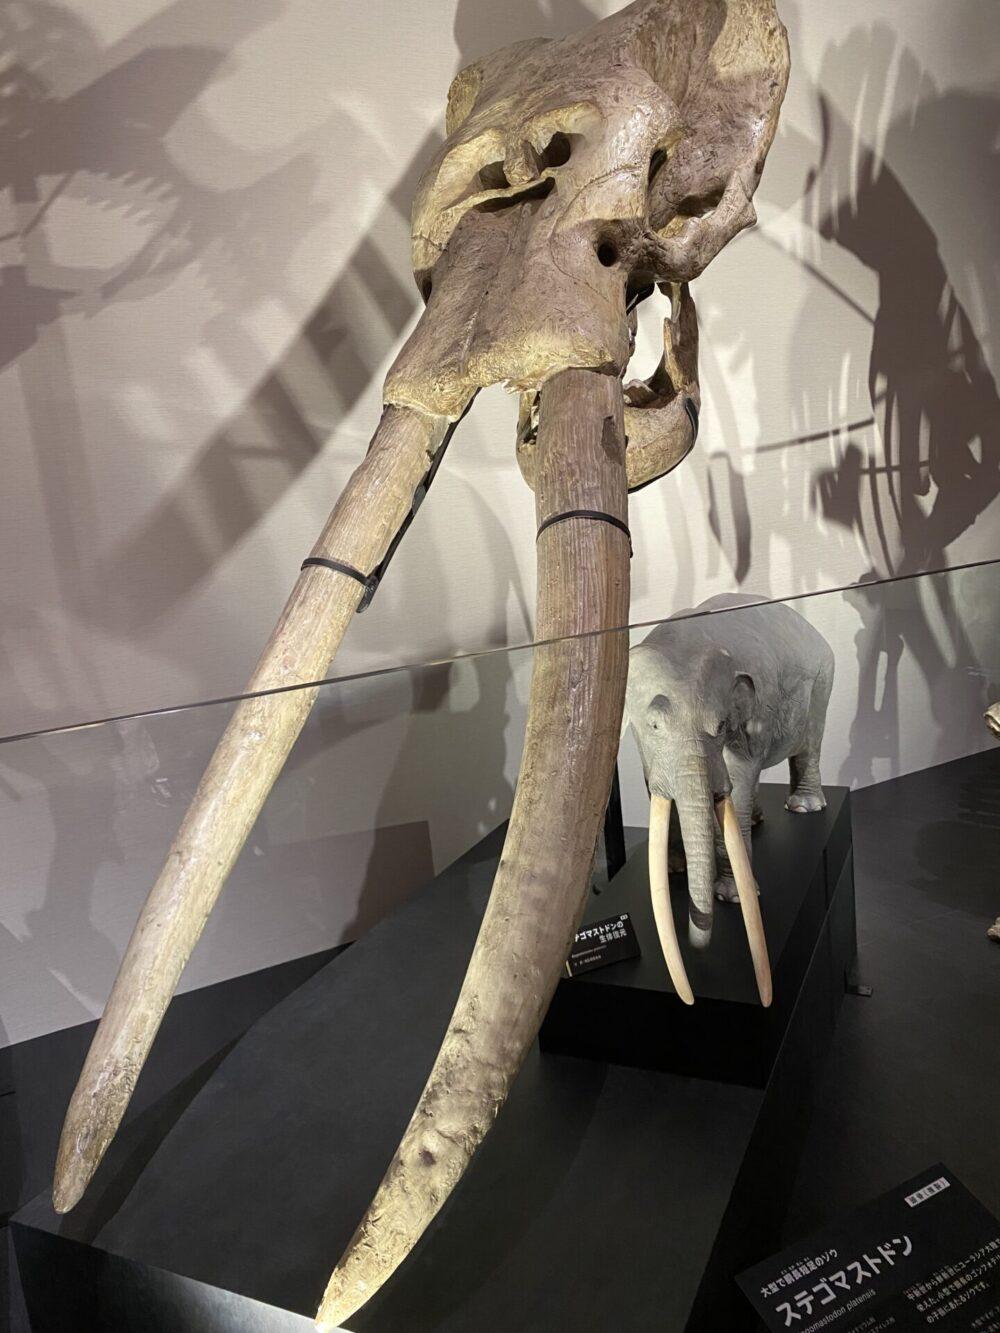 大型で胴長短足のゾウ。ステゴマストドン。